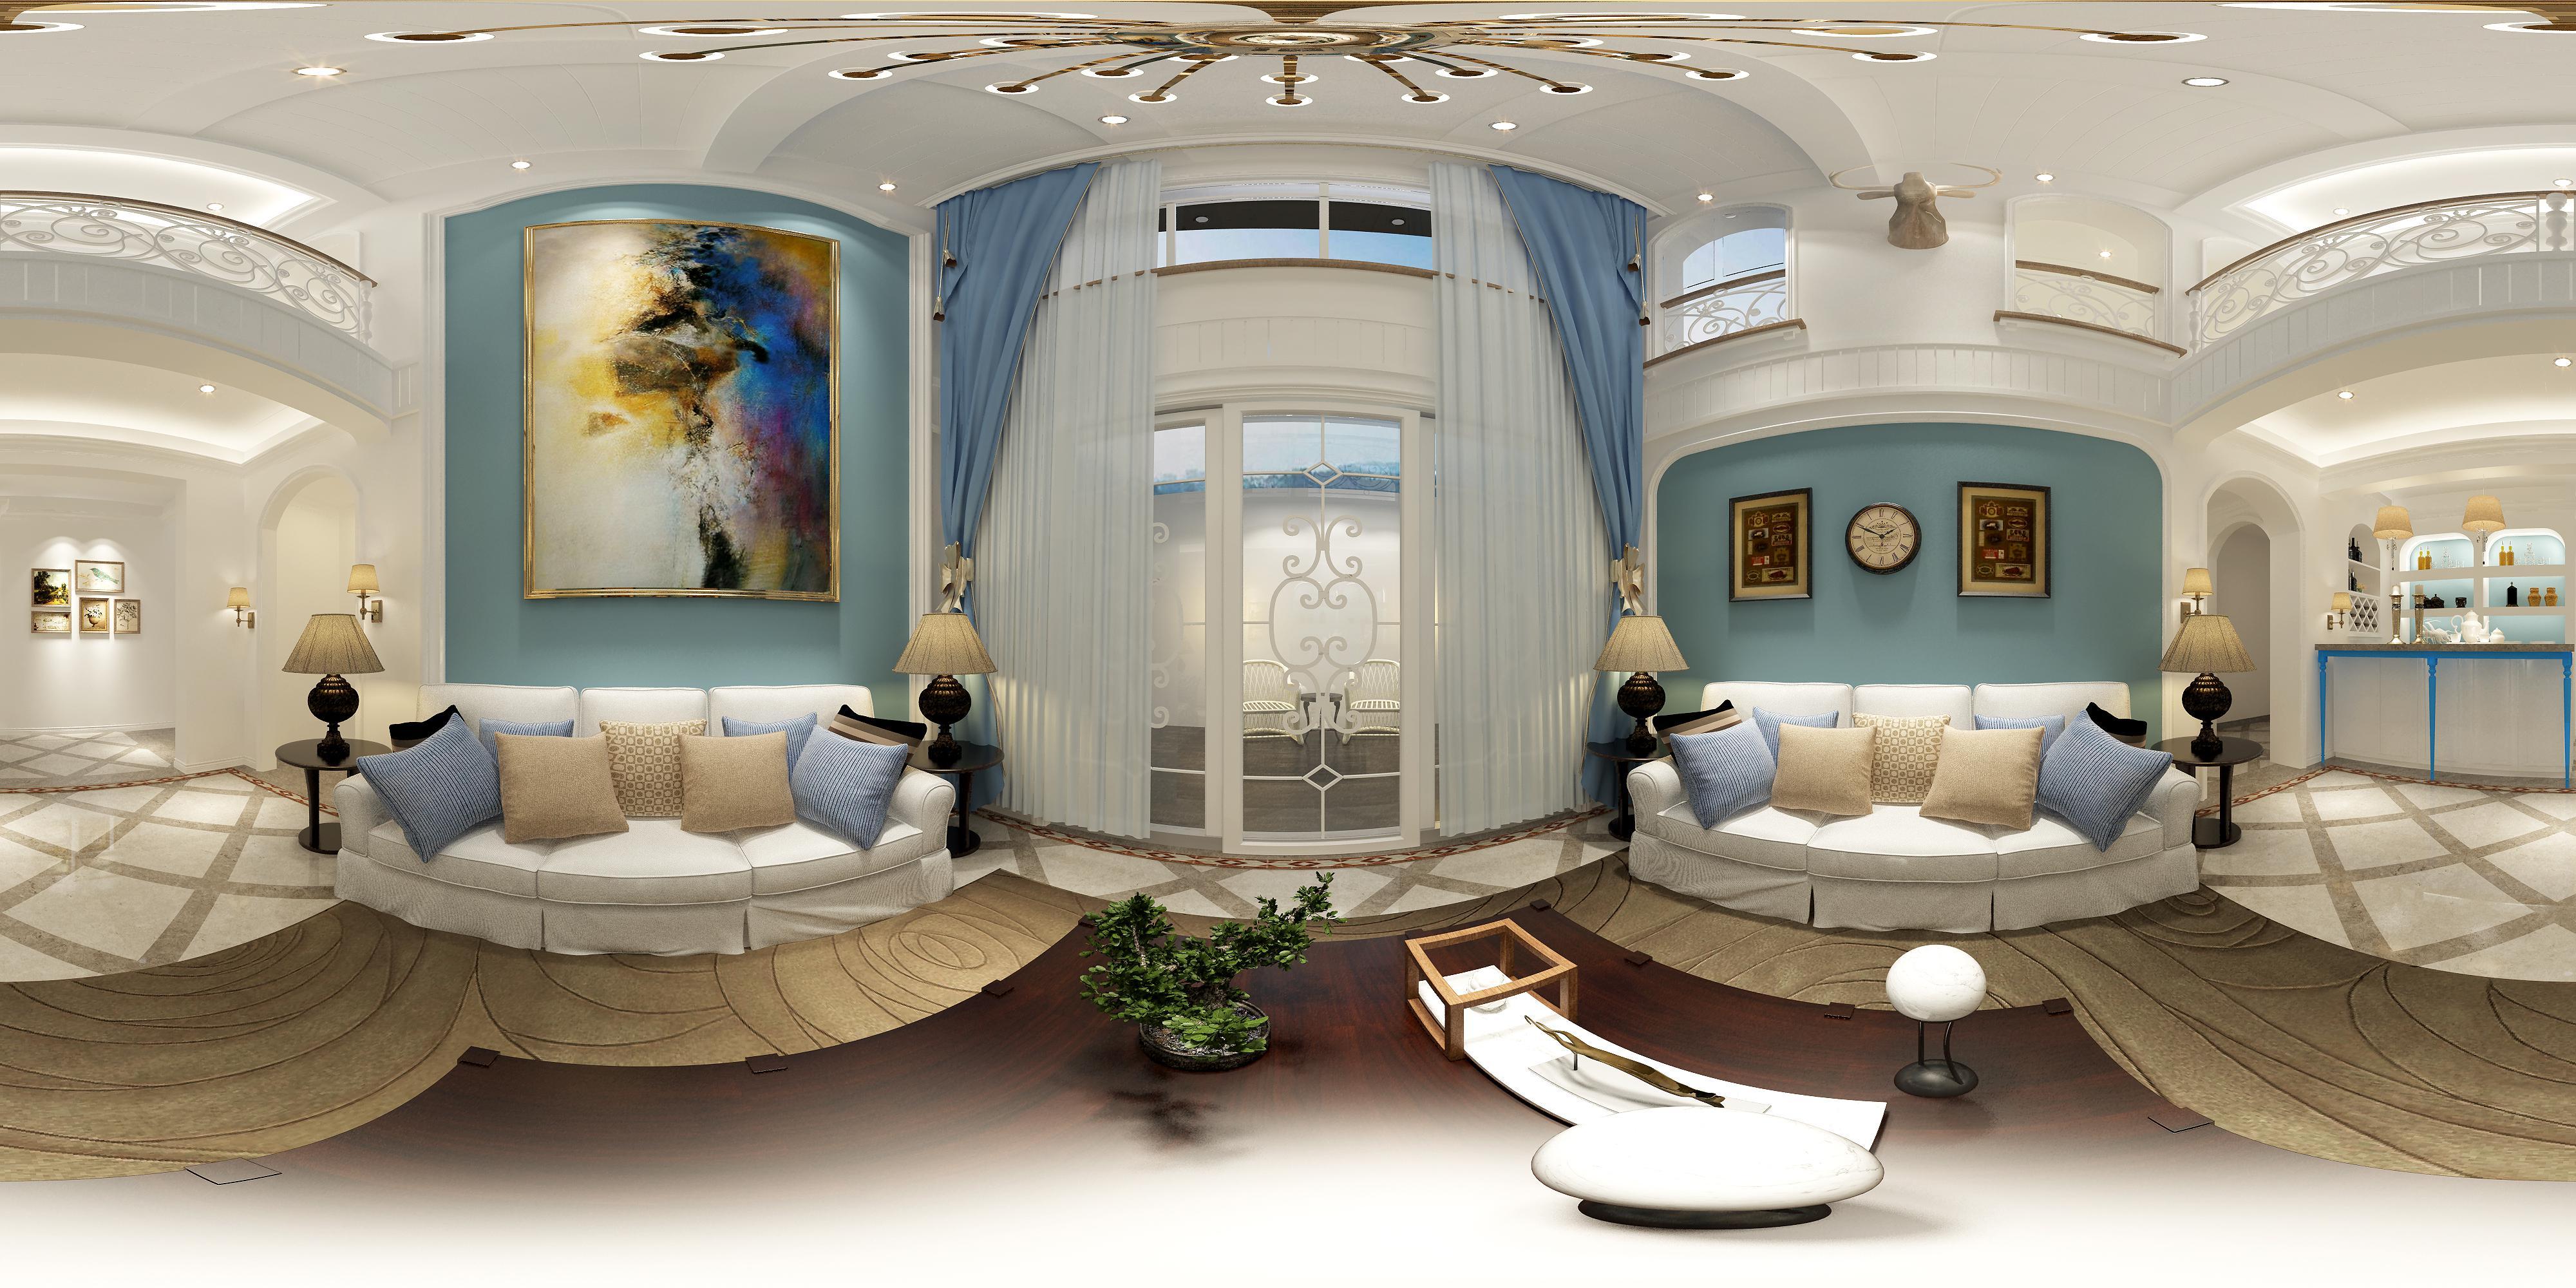 客厅图片来自用户5877947486在藏龙的分享